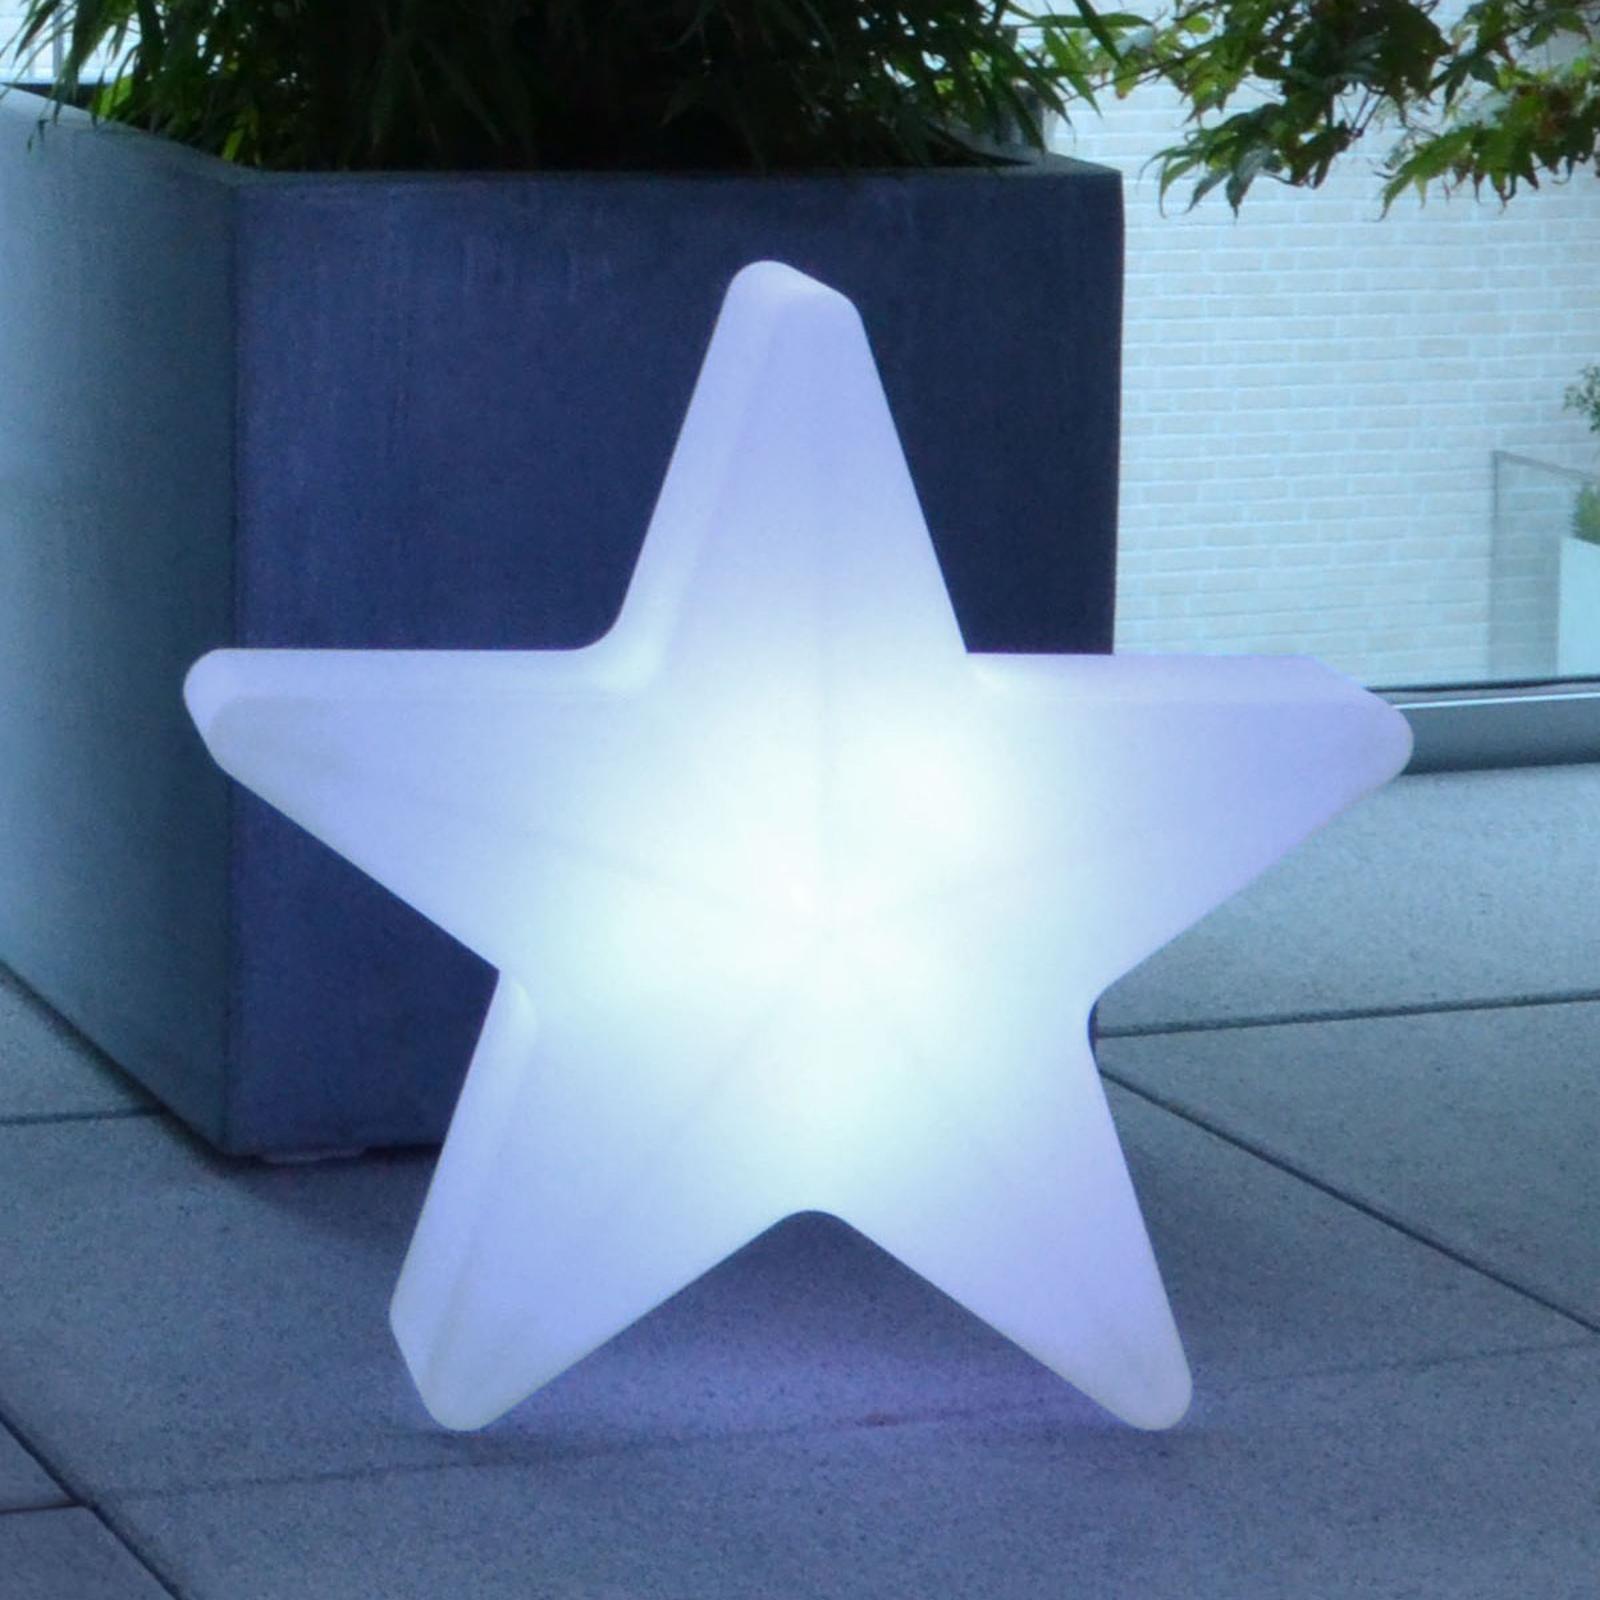 Star LED-dekorasjonsstjerne, batt.drift, 40x40cm